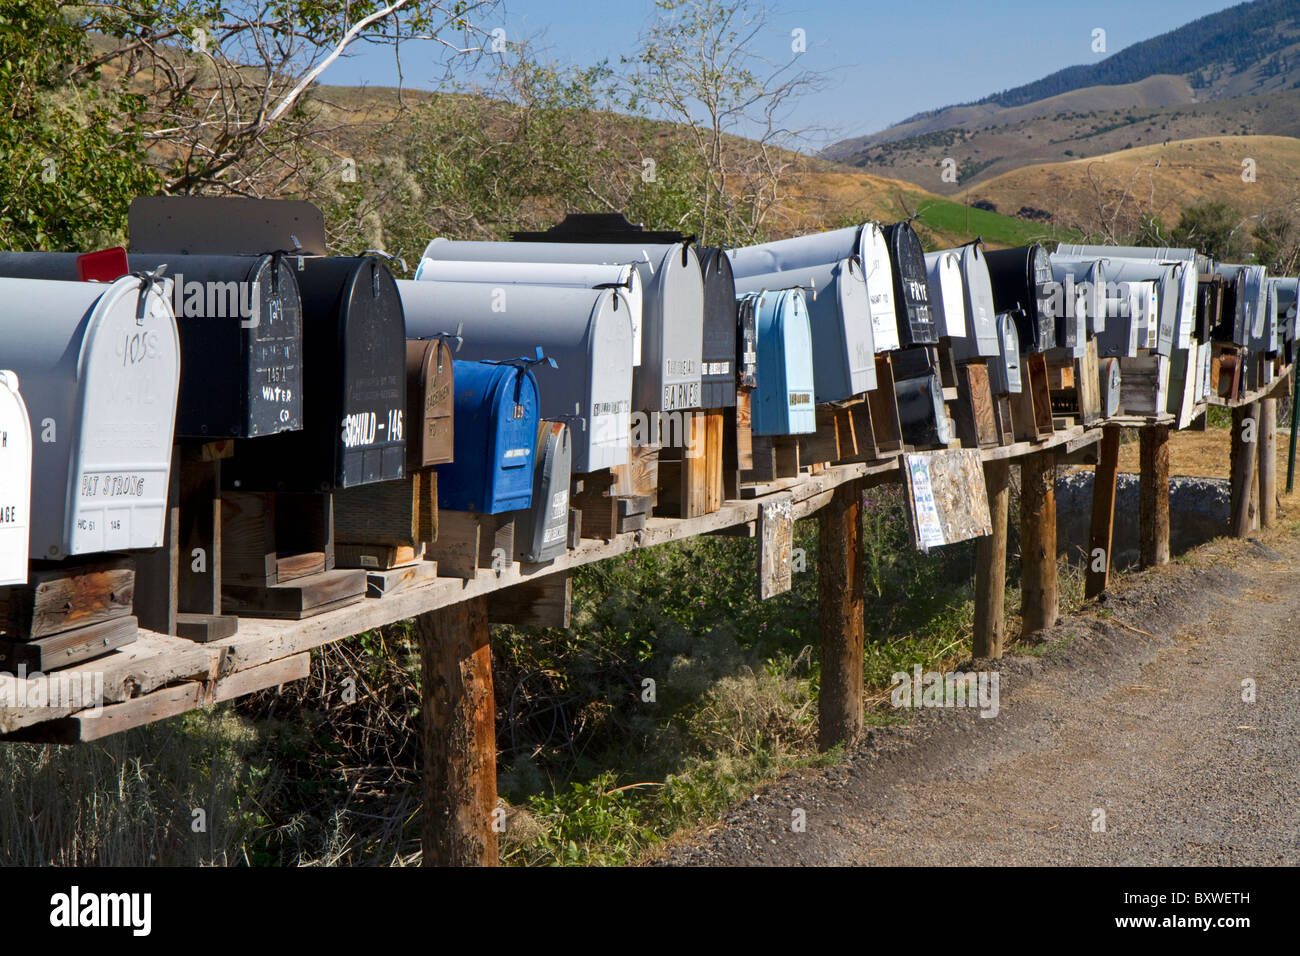 Boîtes aux lettres alignés pour la livraison du courrier dans une région rurale près de Challis, Photo Stock